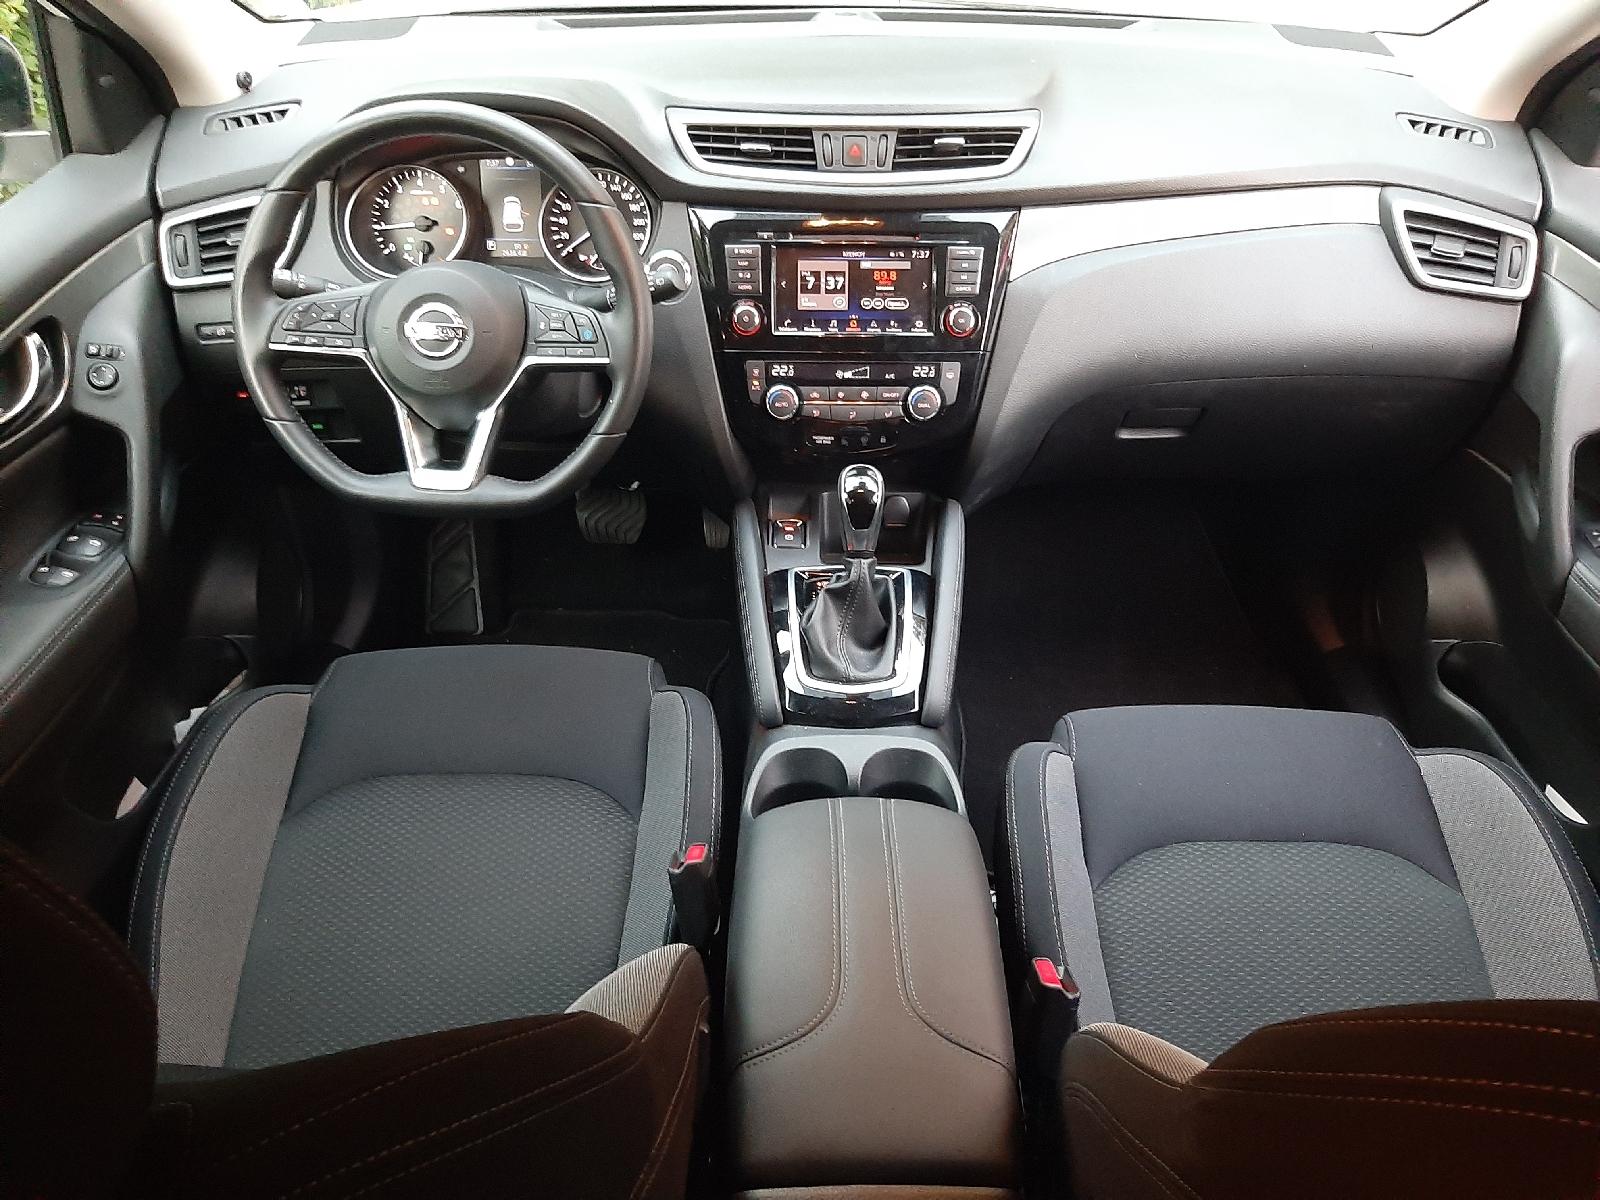 1605382242807229 2 Οδηγούμε το Nissan Qashqai 1,3 DIG-T 160 PS με το 7άρι DCT Nissan, Nissan Qashqai, TEST, ΔΟΚΙΜΕΣ, οδηγούμε